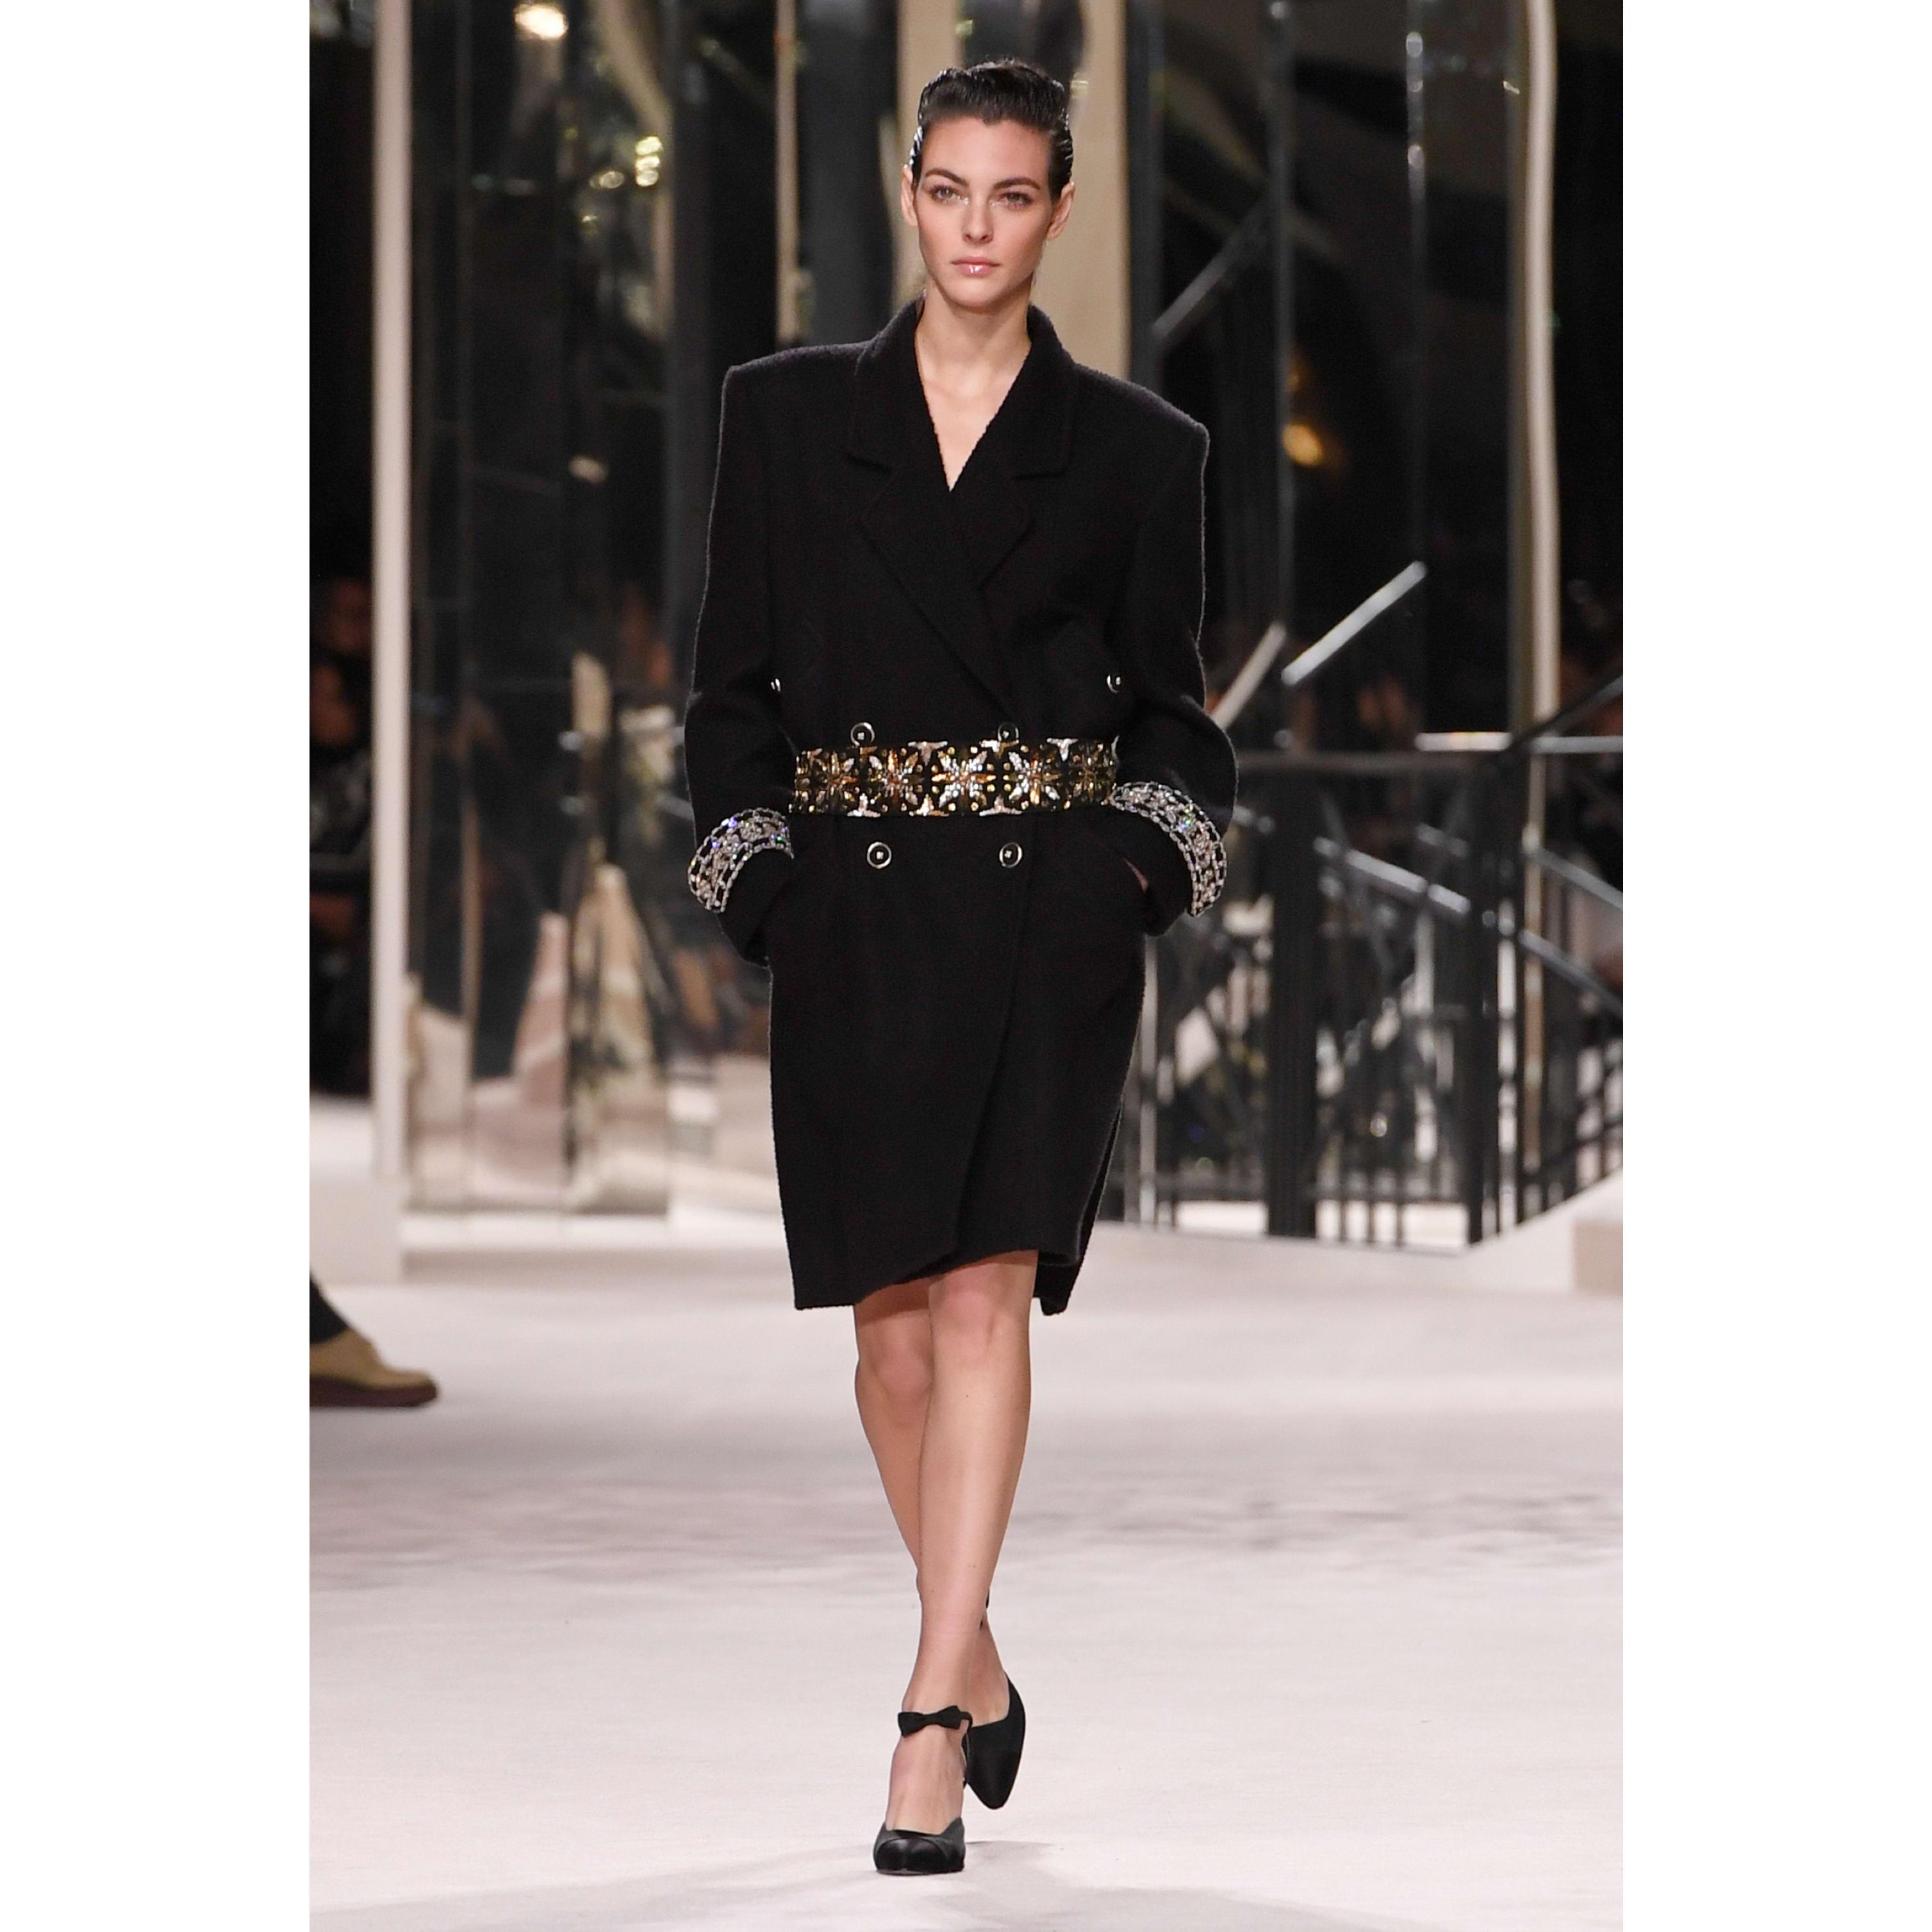 เสื้อโค้ท - สีดำ - ผ้าขนสัตว์ปักประดับและผ้าทวีตผสมแคชเมียร์ - CHANEL - มุมมองปัจจุบัน - ดูเวอร์ชันขนาดมาตรฐาน